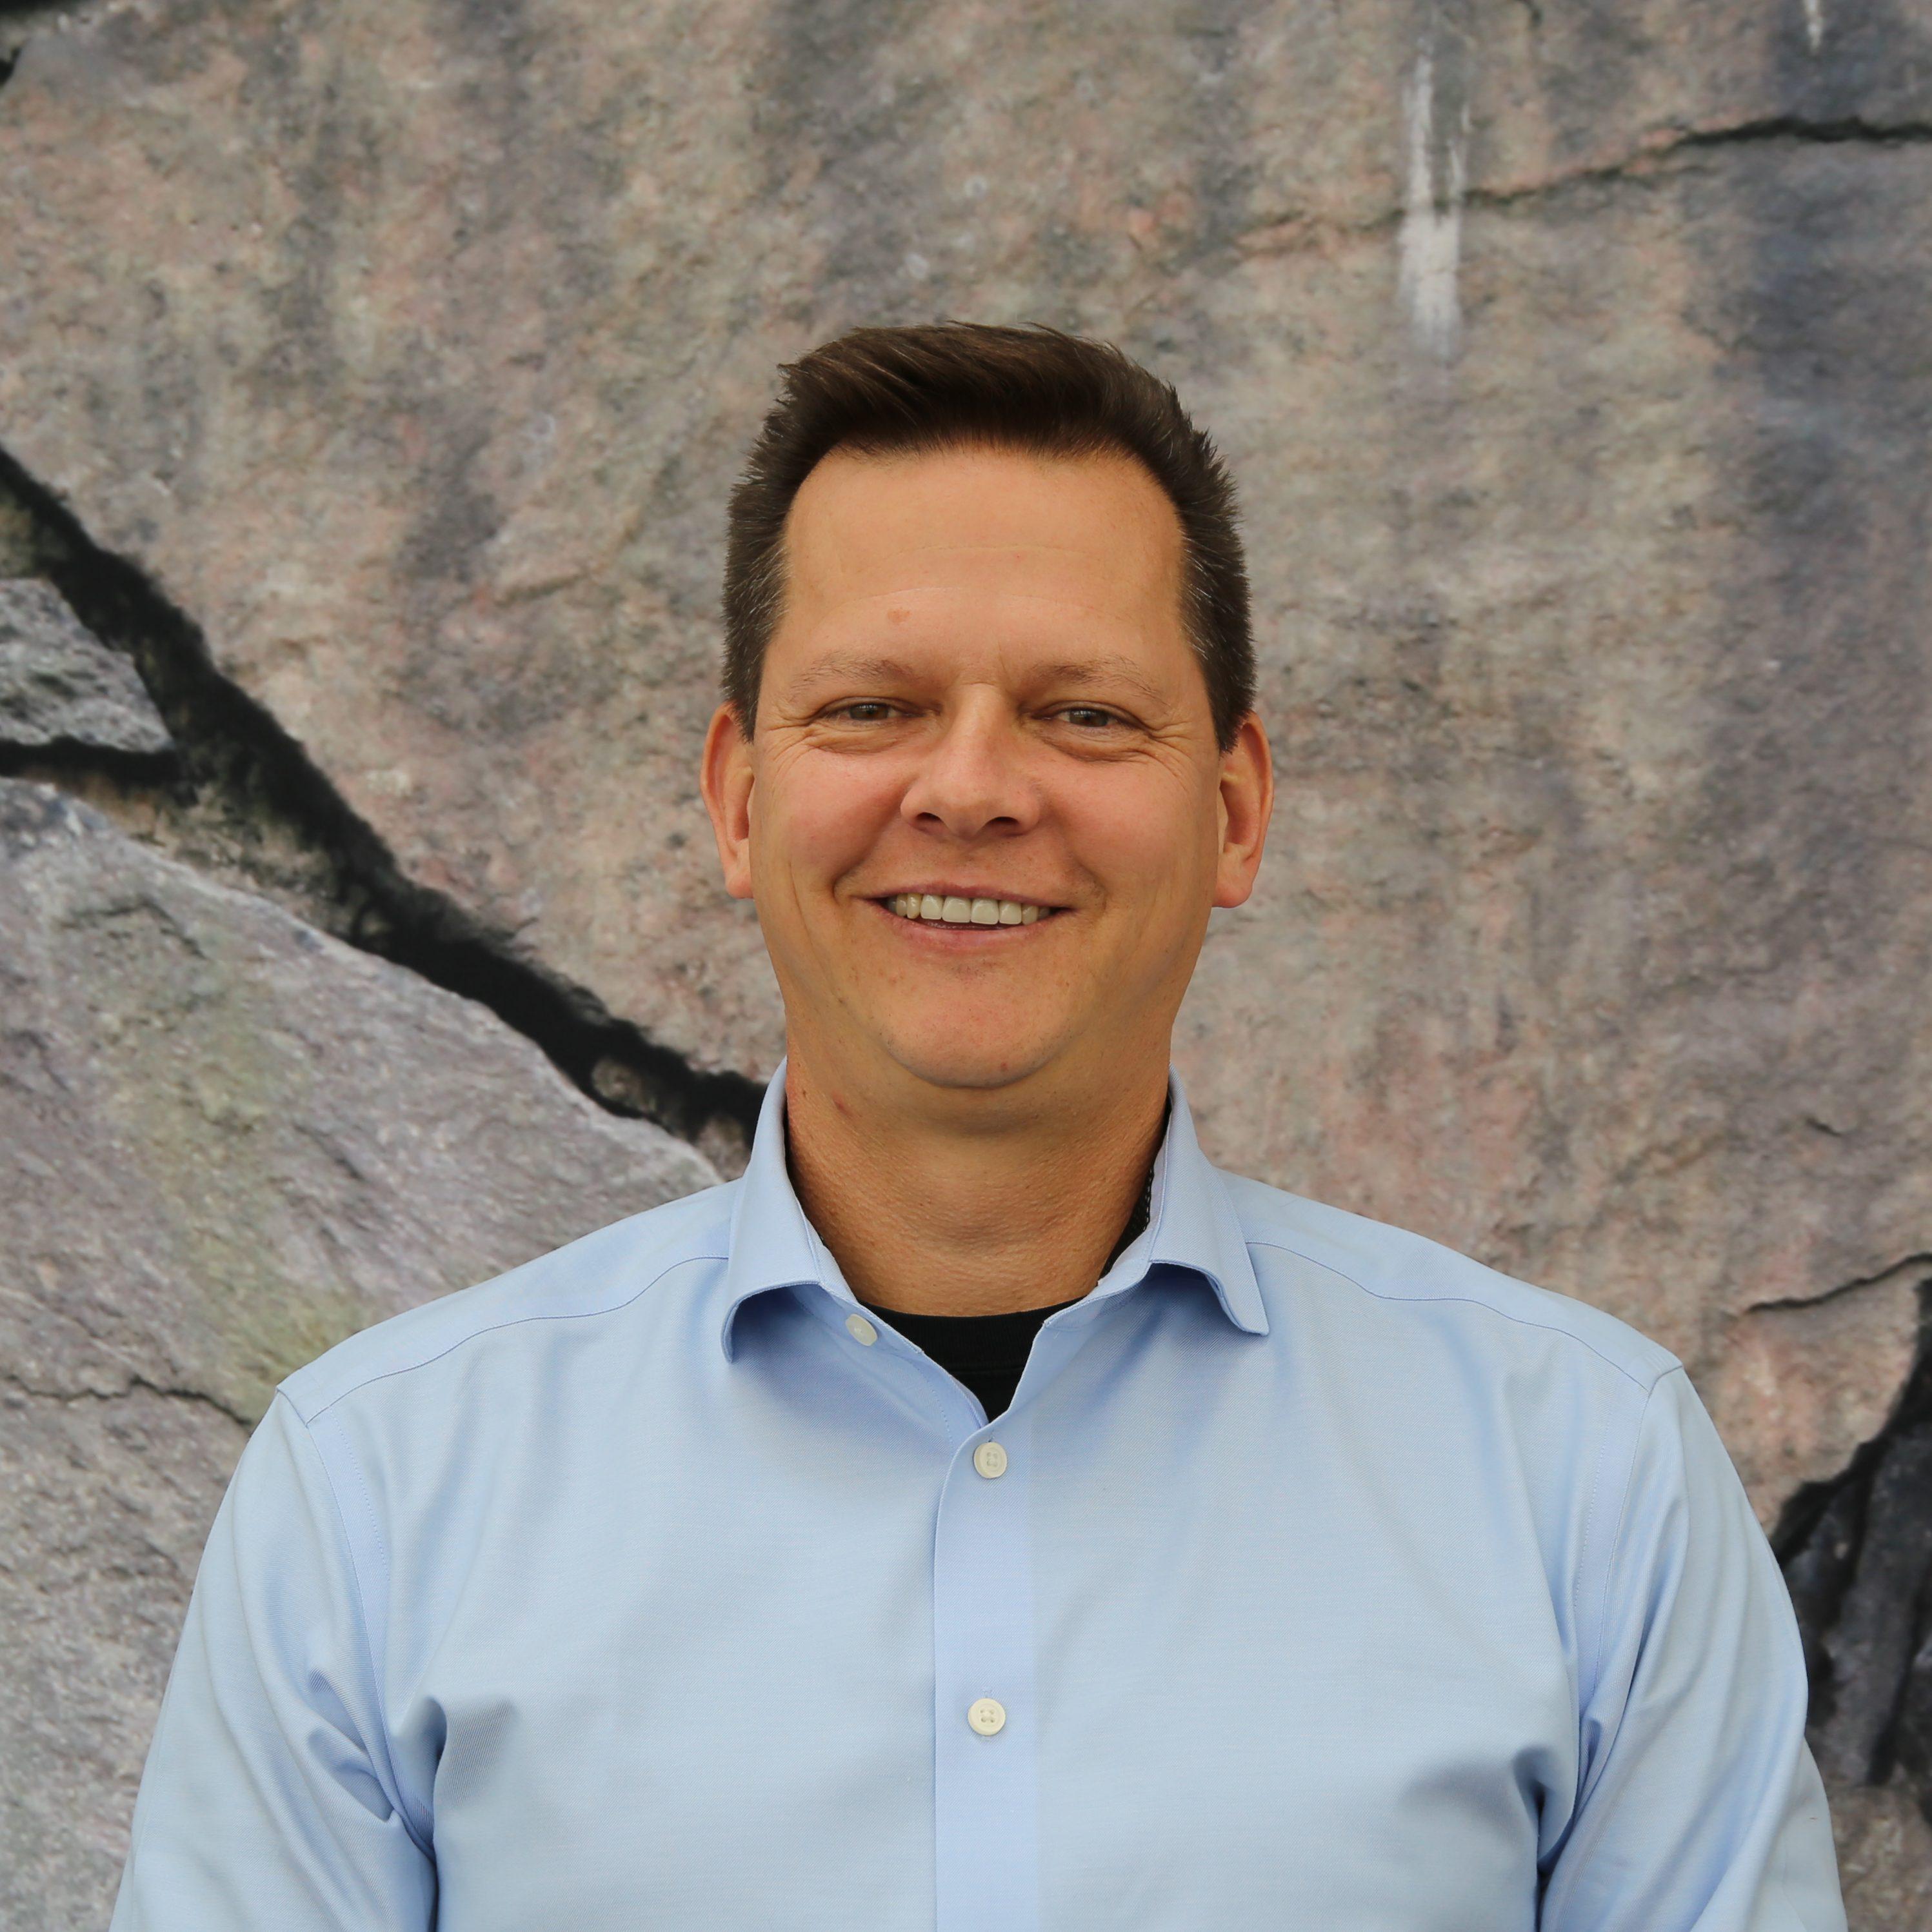 School of Meteorology Hires New Director